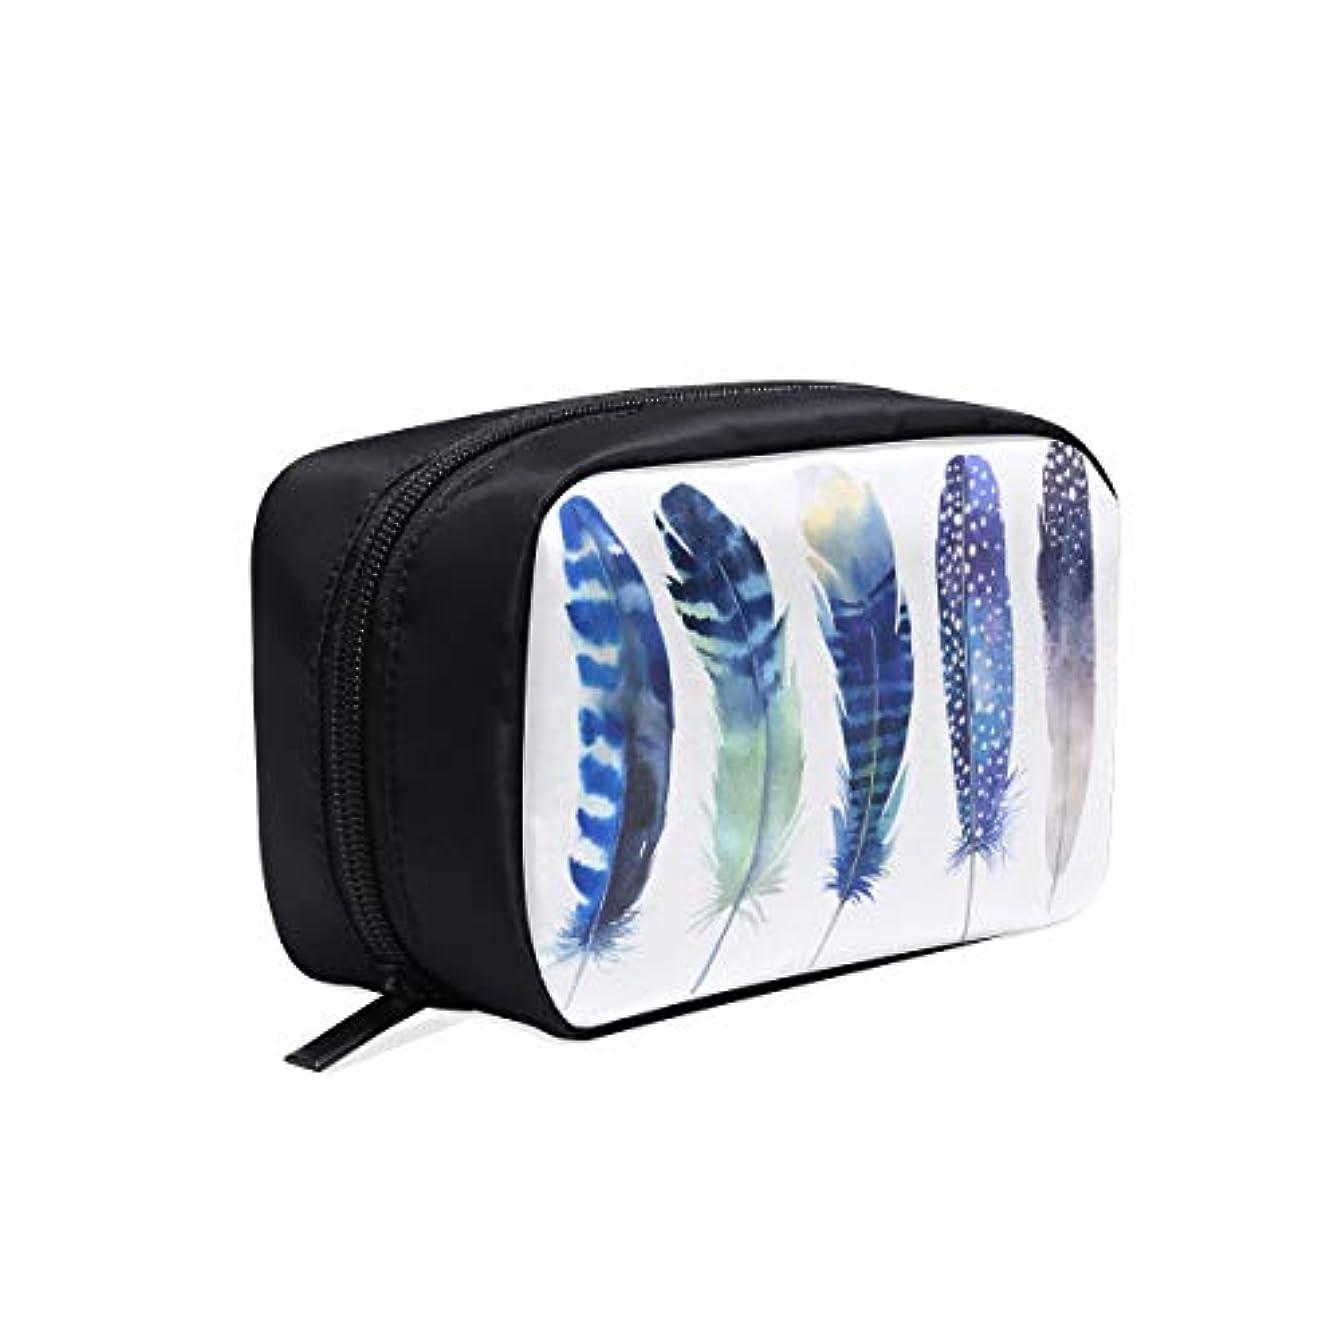 特異性債権者化合物KWESG メイクポーチ チキンフェザー ボックス コスメ収納 化粧品収納ケース 大容量 収納 化粧品入れ 化粧バッグ 旅行用 メイクブラシバッグ 化粧箱 持ち運び便利 プロ用